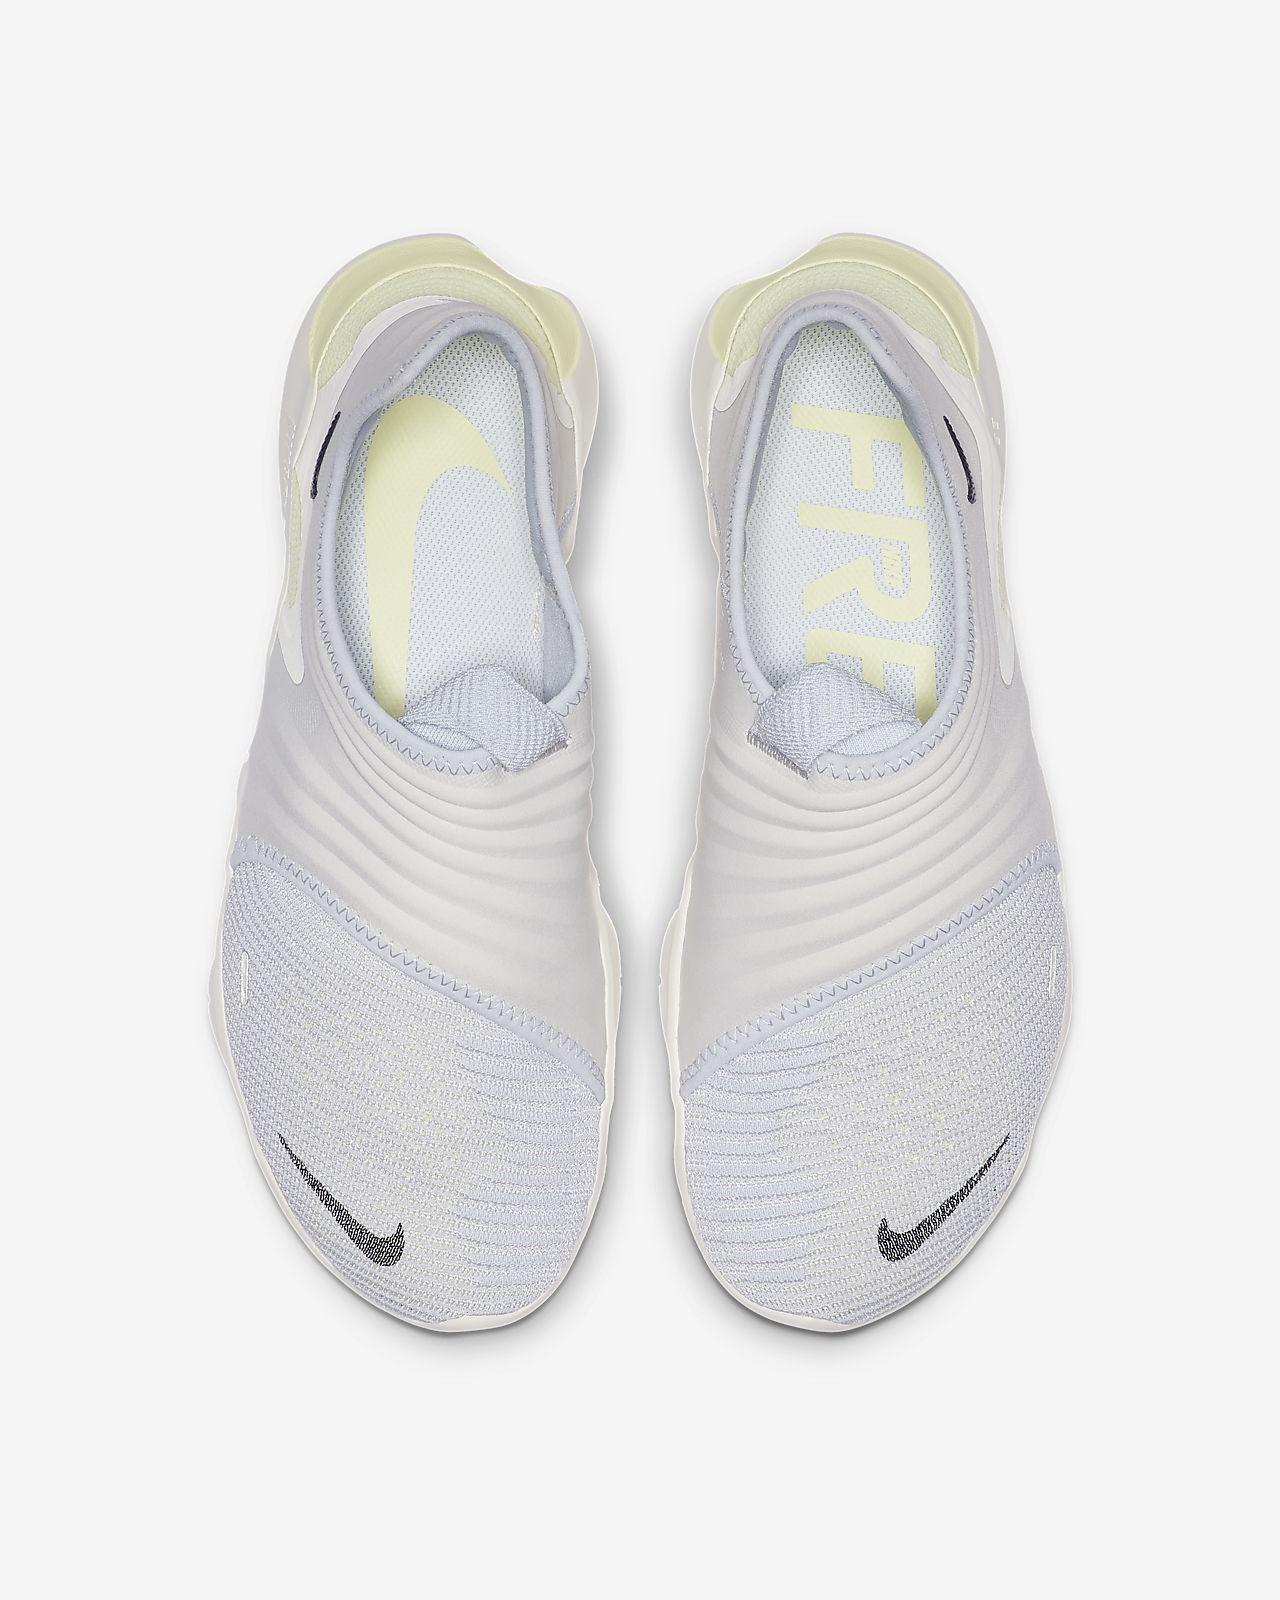 81e7854282436 Nike Free RN Flyknit 3.0 Men s Running Shoe. Nike.com CA